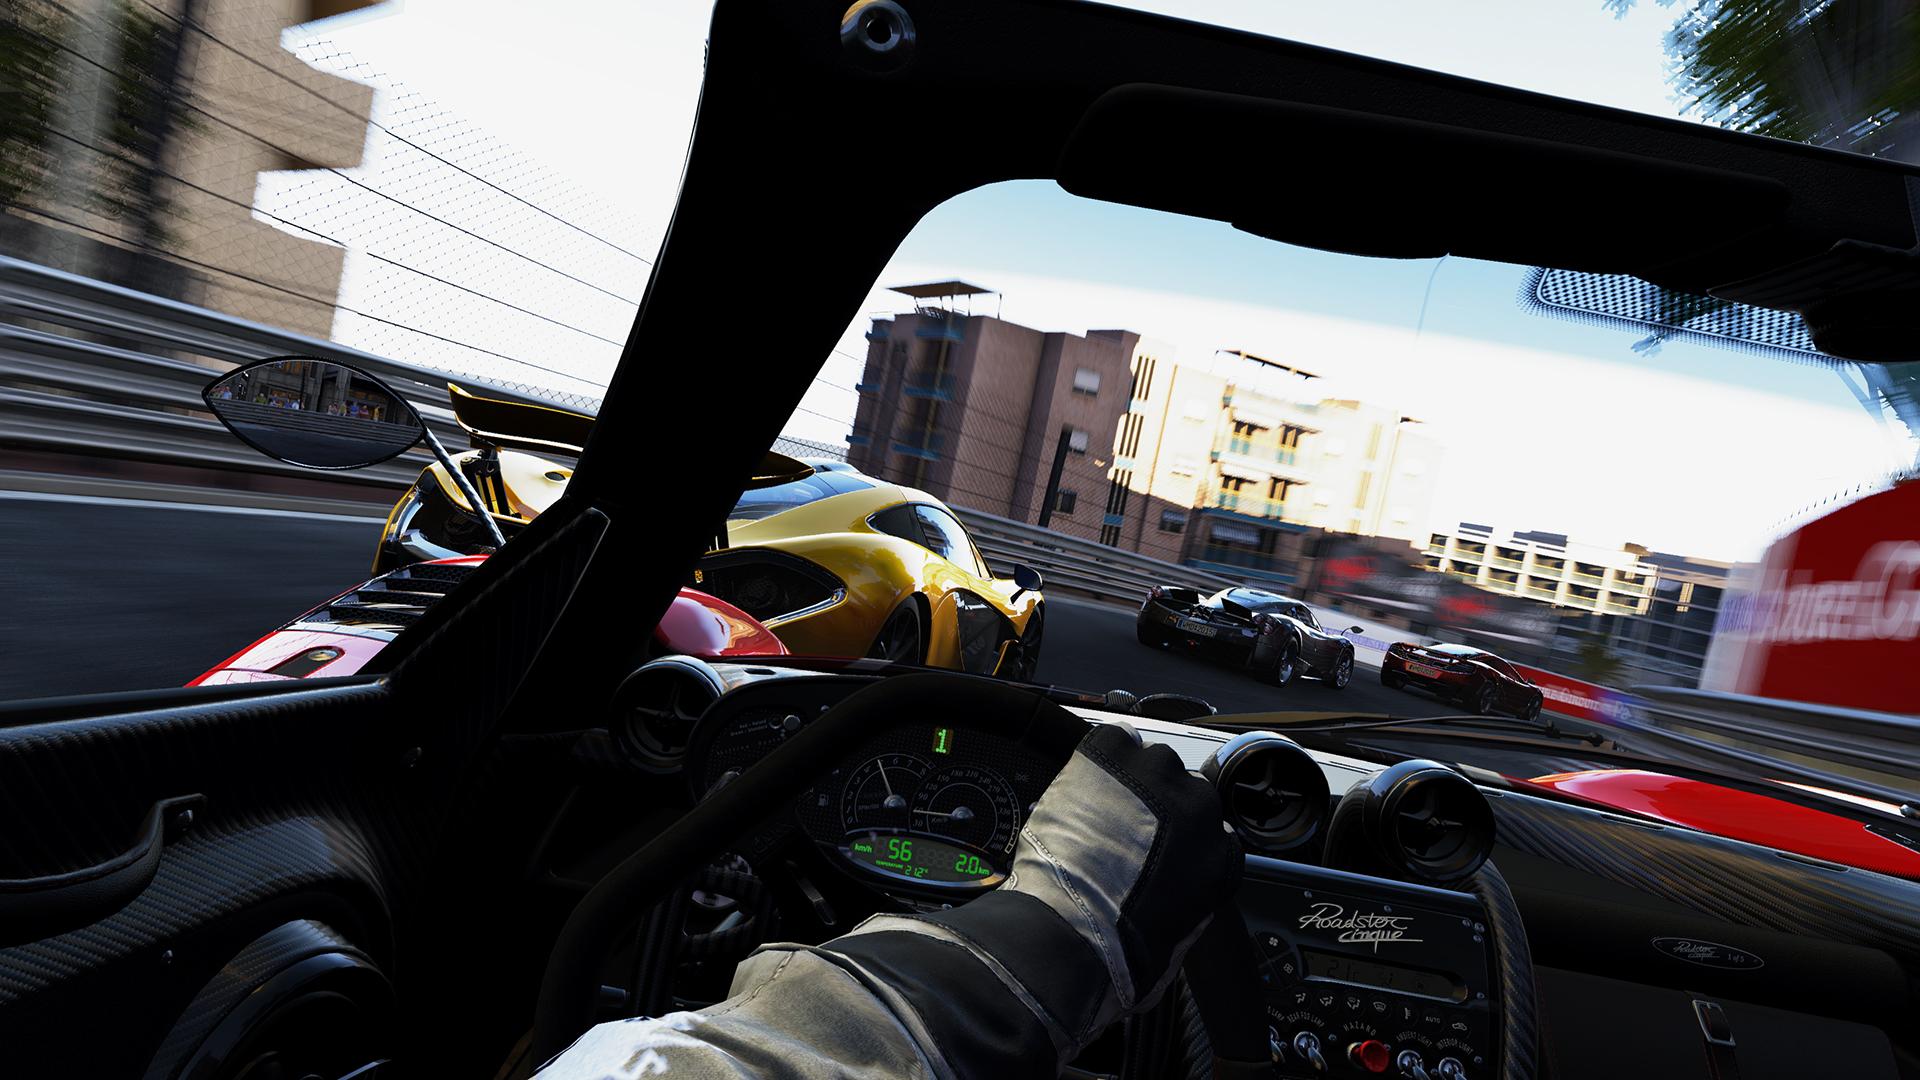 Prohlédněte si obrázky z finální verze Project Cars 108260